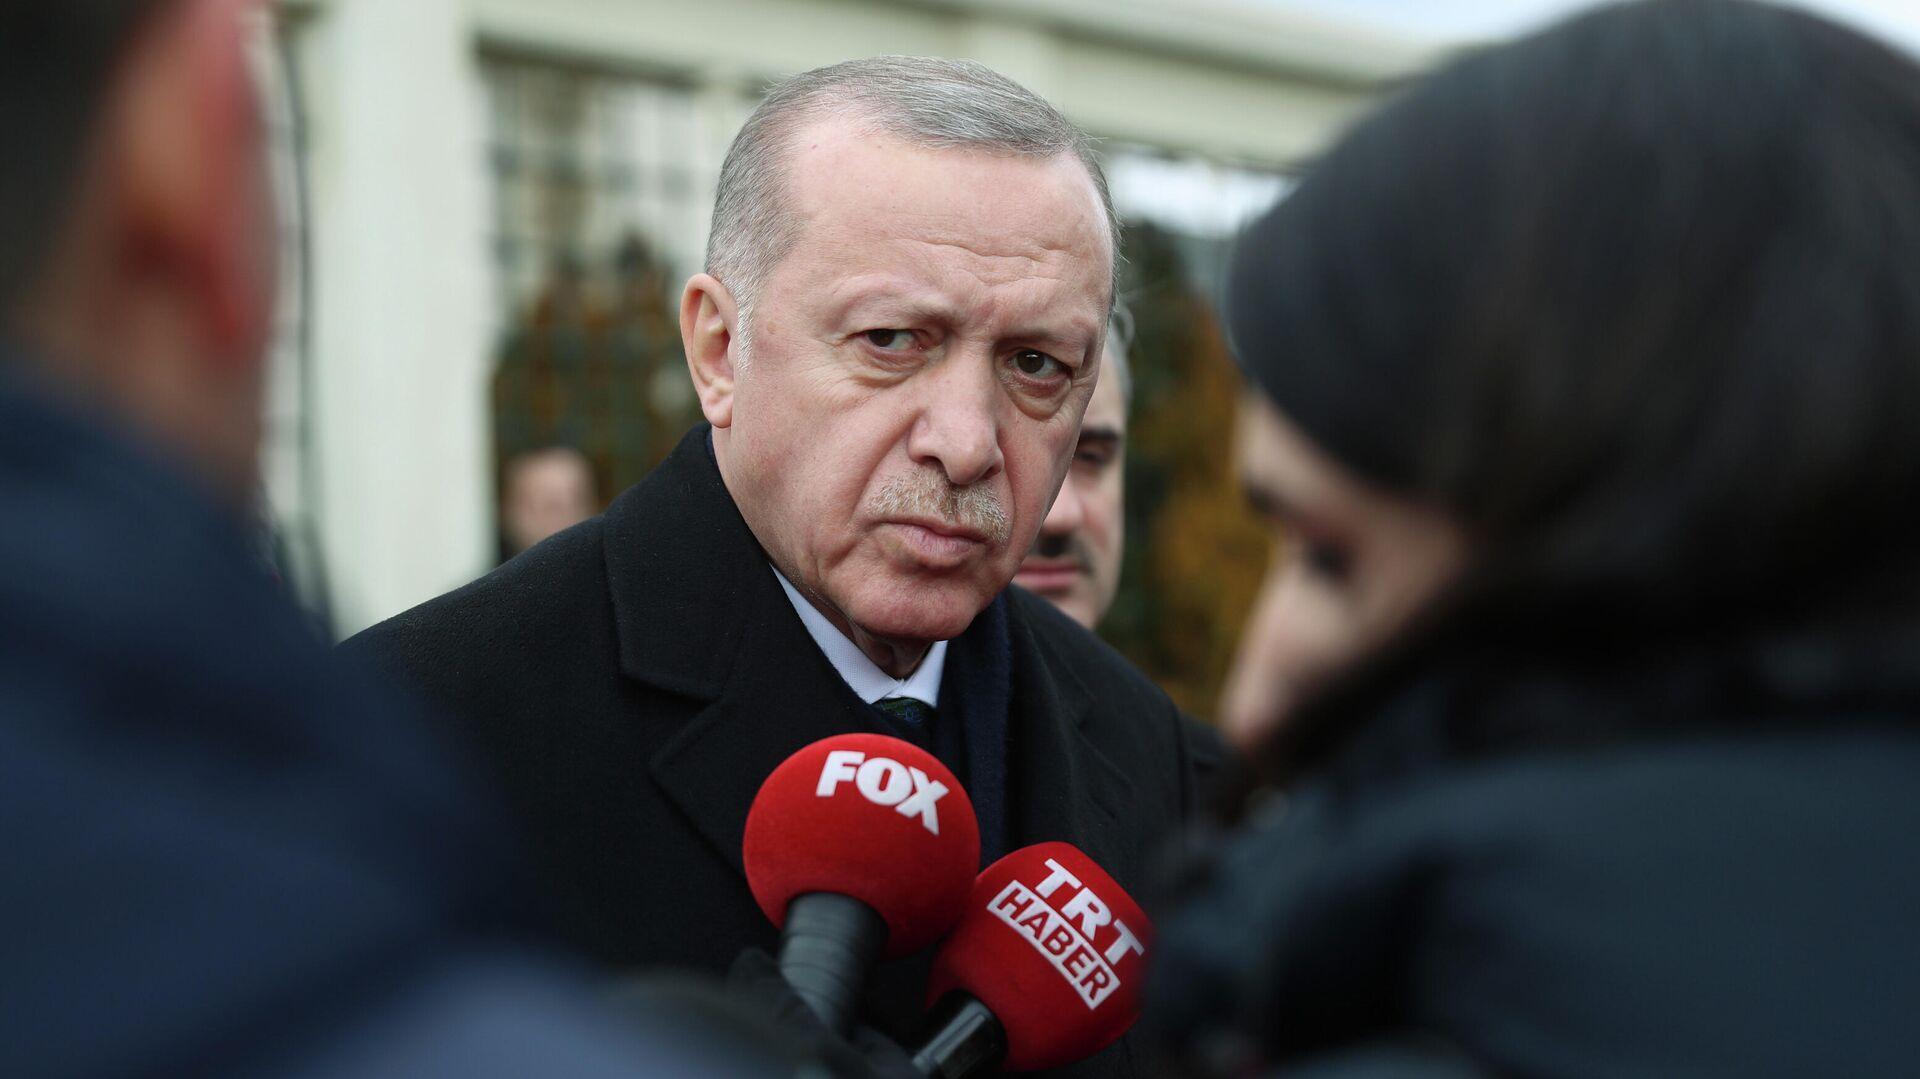 Президент Турции Реджеп Тайип Эрдоган во время беседы с журналистами  - РИА Новости, 1920, 29.09.2020